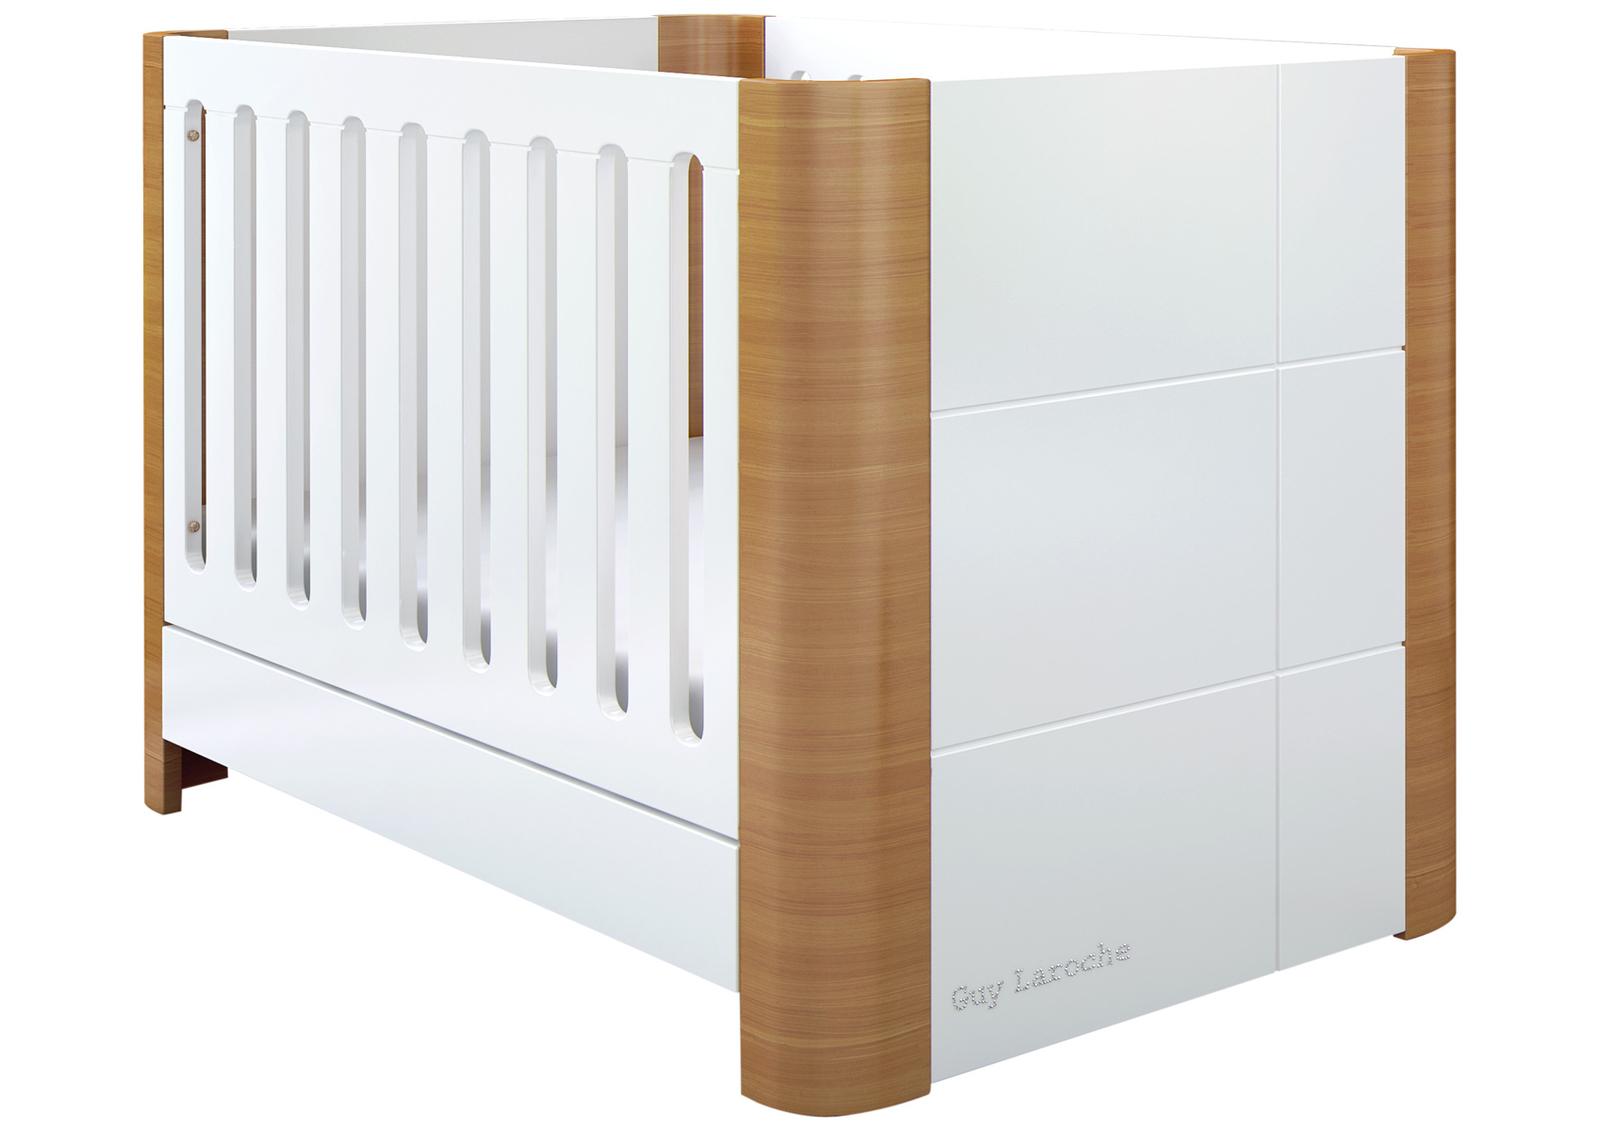 Βρεφικά Κρεβάτια   Κούνιες Μωρού Πολυμορφικές - Skroutz.gr 24b06214bed